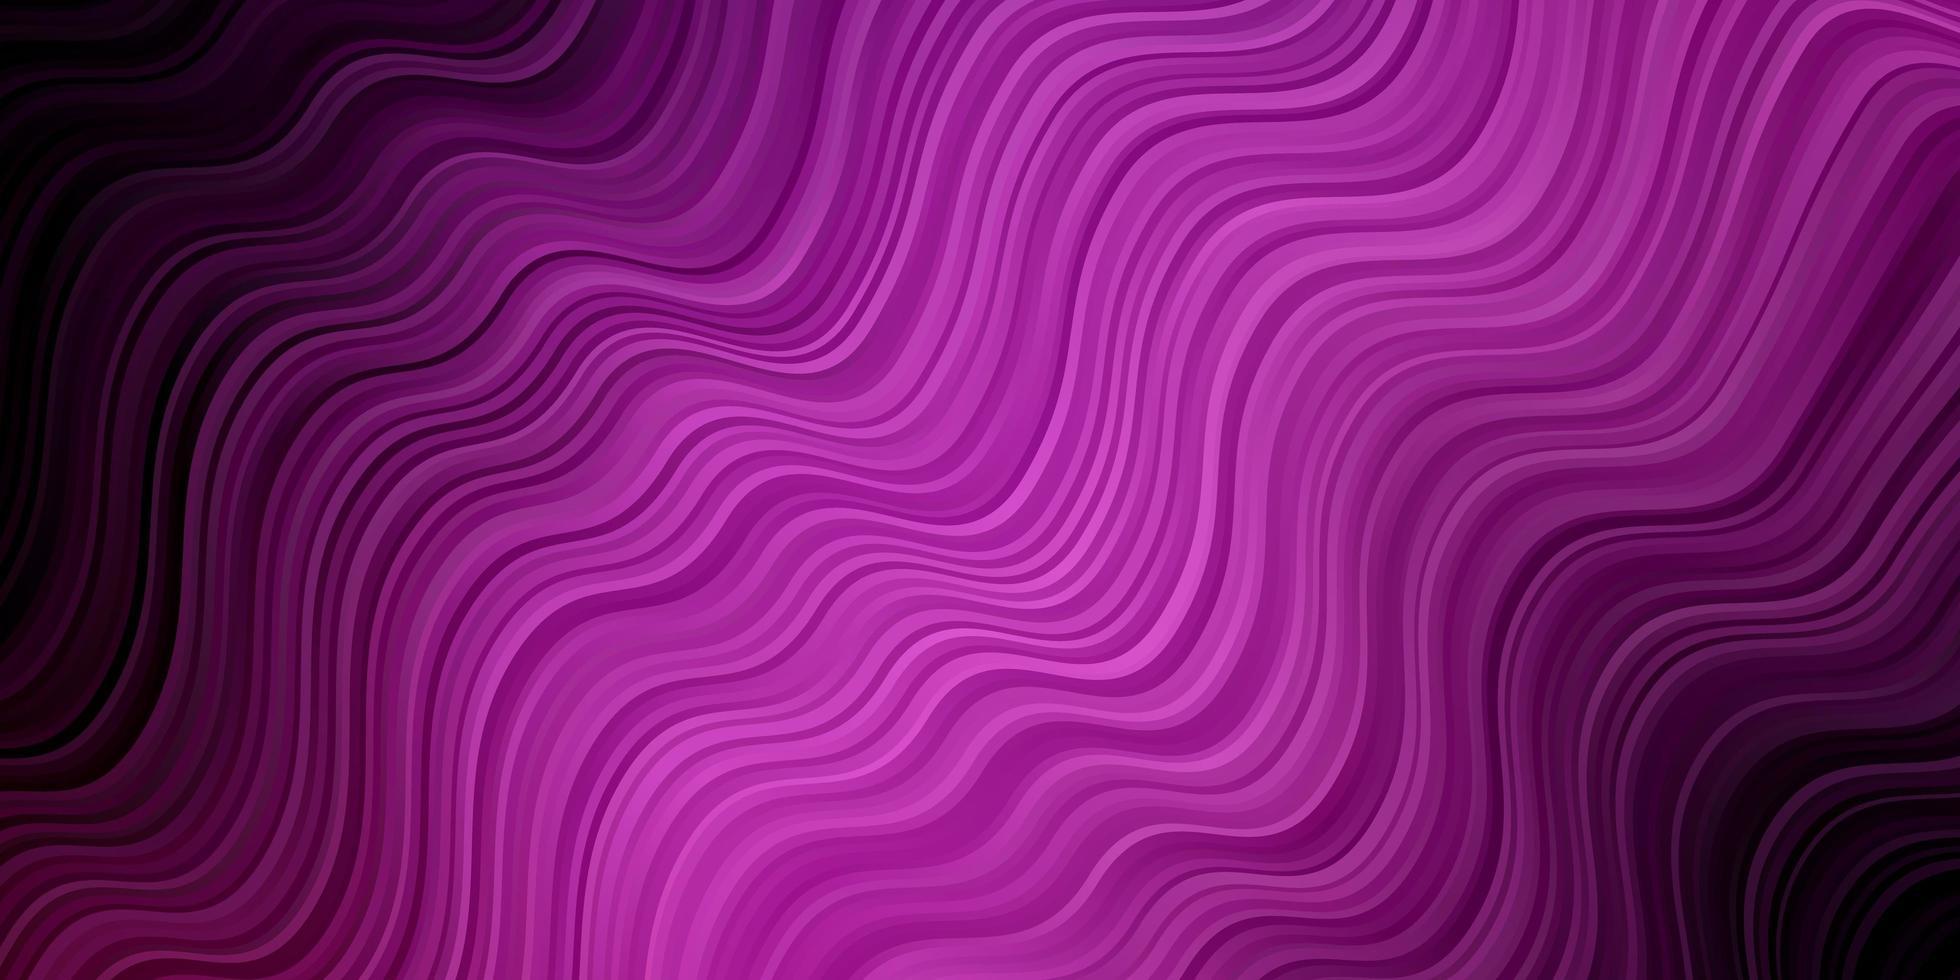 modello vettoriale viola chiaro, rosa con linee curve.